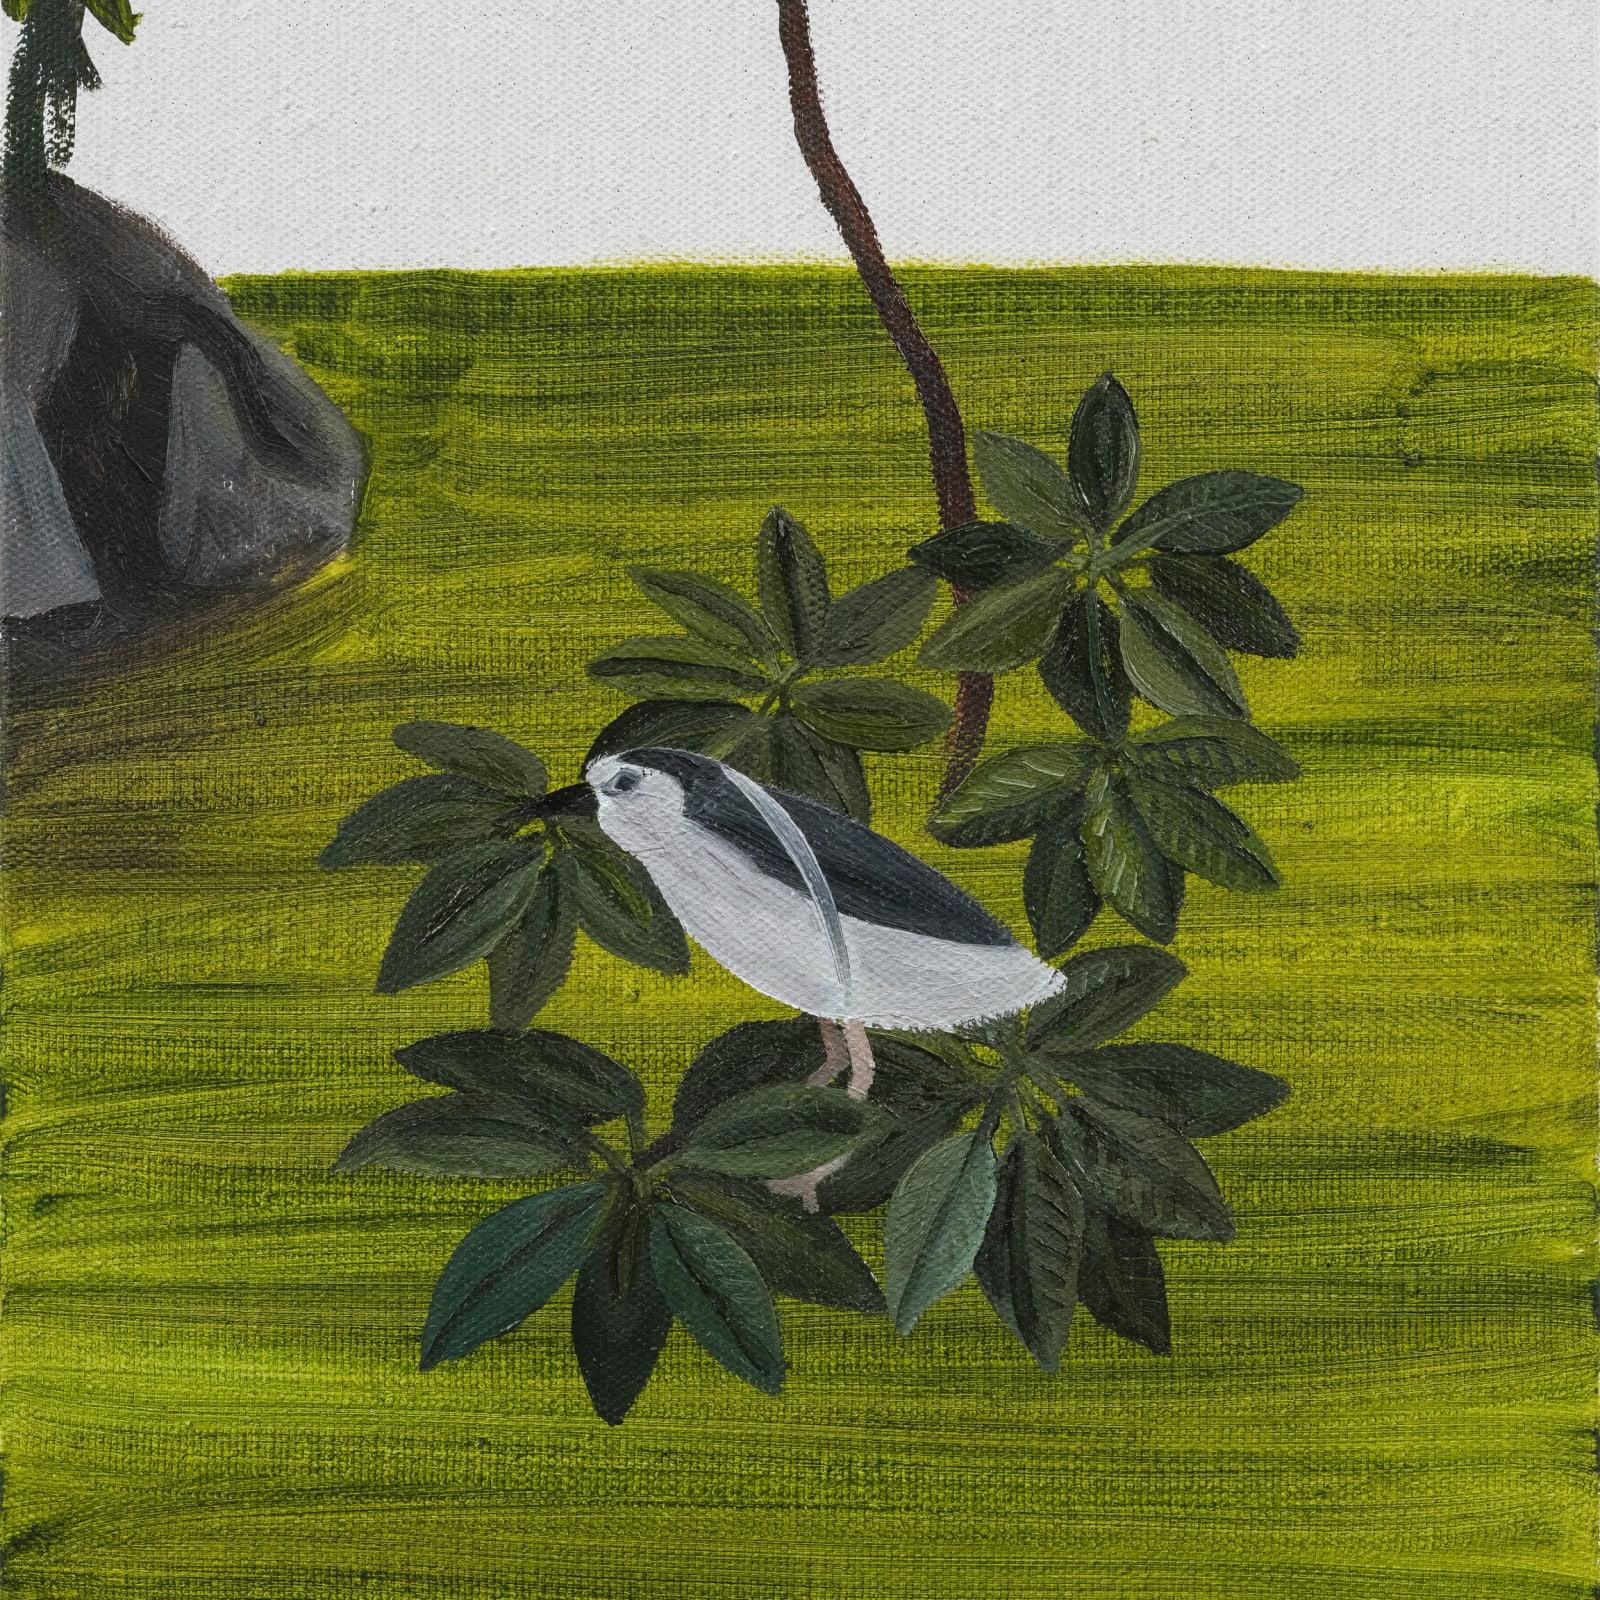 Huang Hai-Hsin 黄海欣, Daan Bird 1, 2020